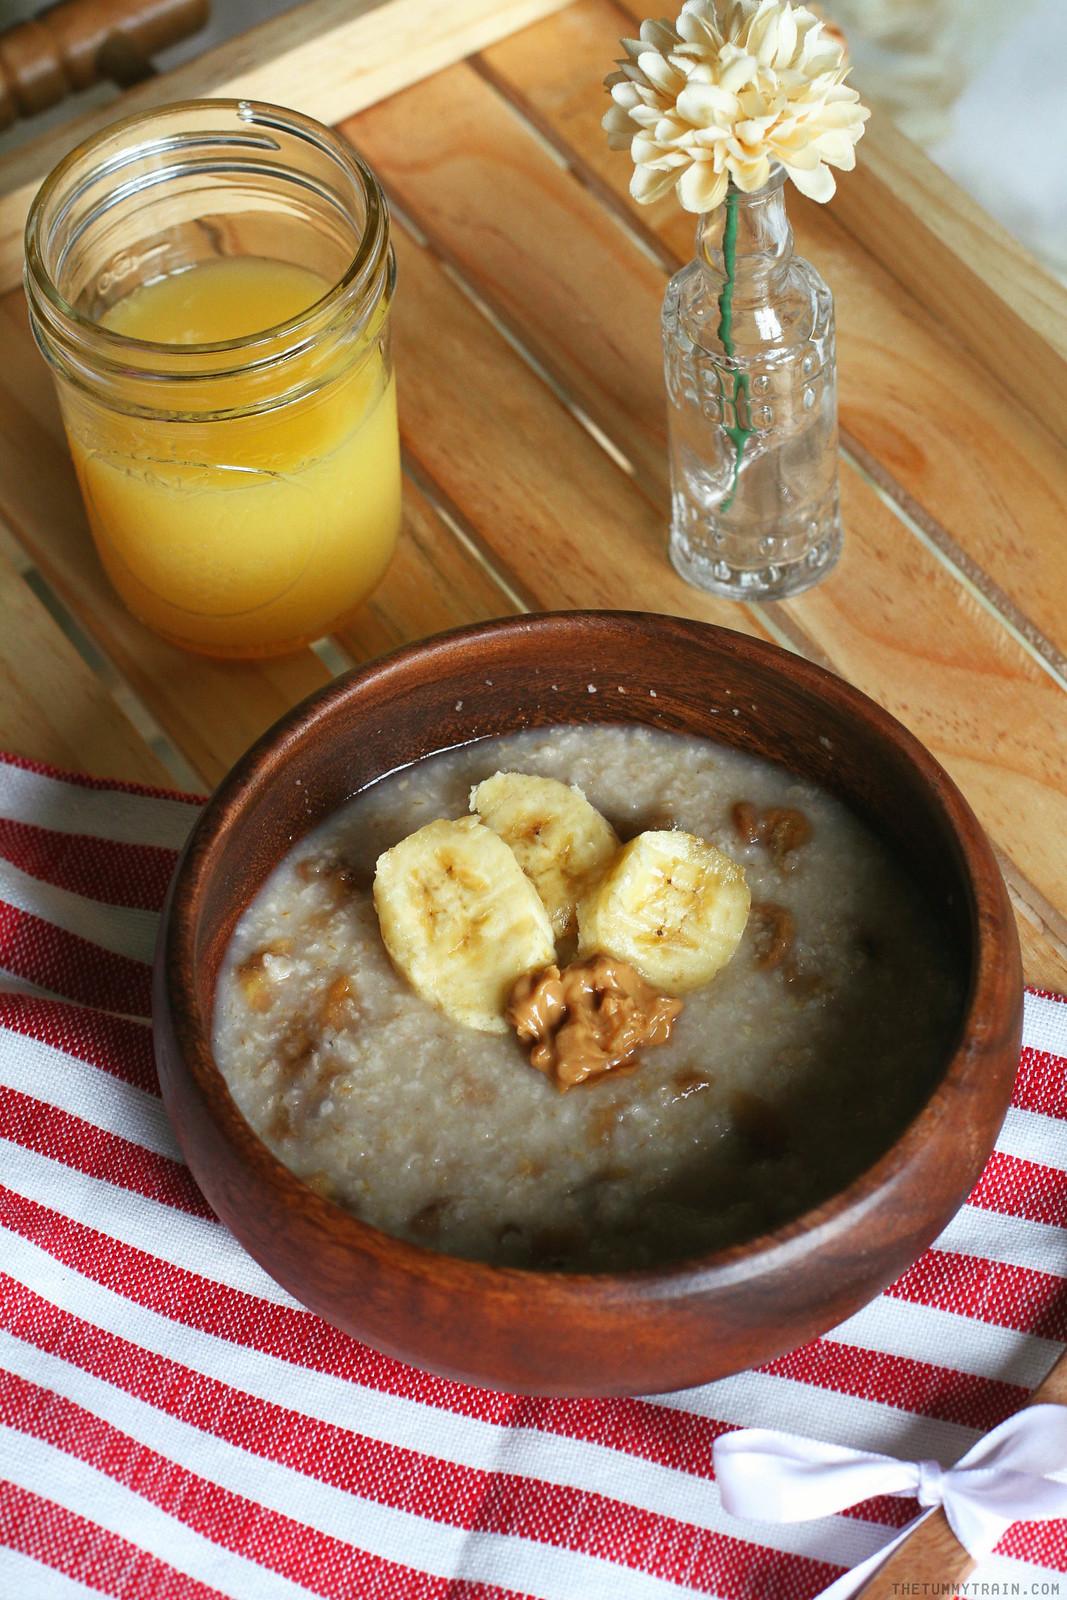 29462115884 2963a110c4 h - Why it's a-okay to start the day with a bowl of Quaker Oats